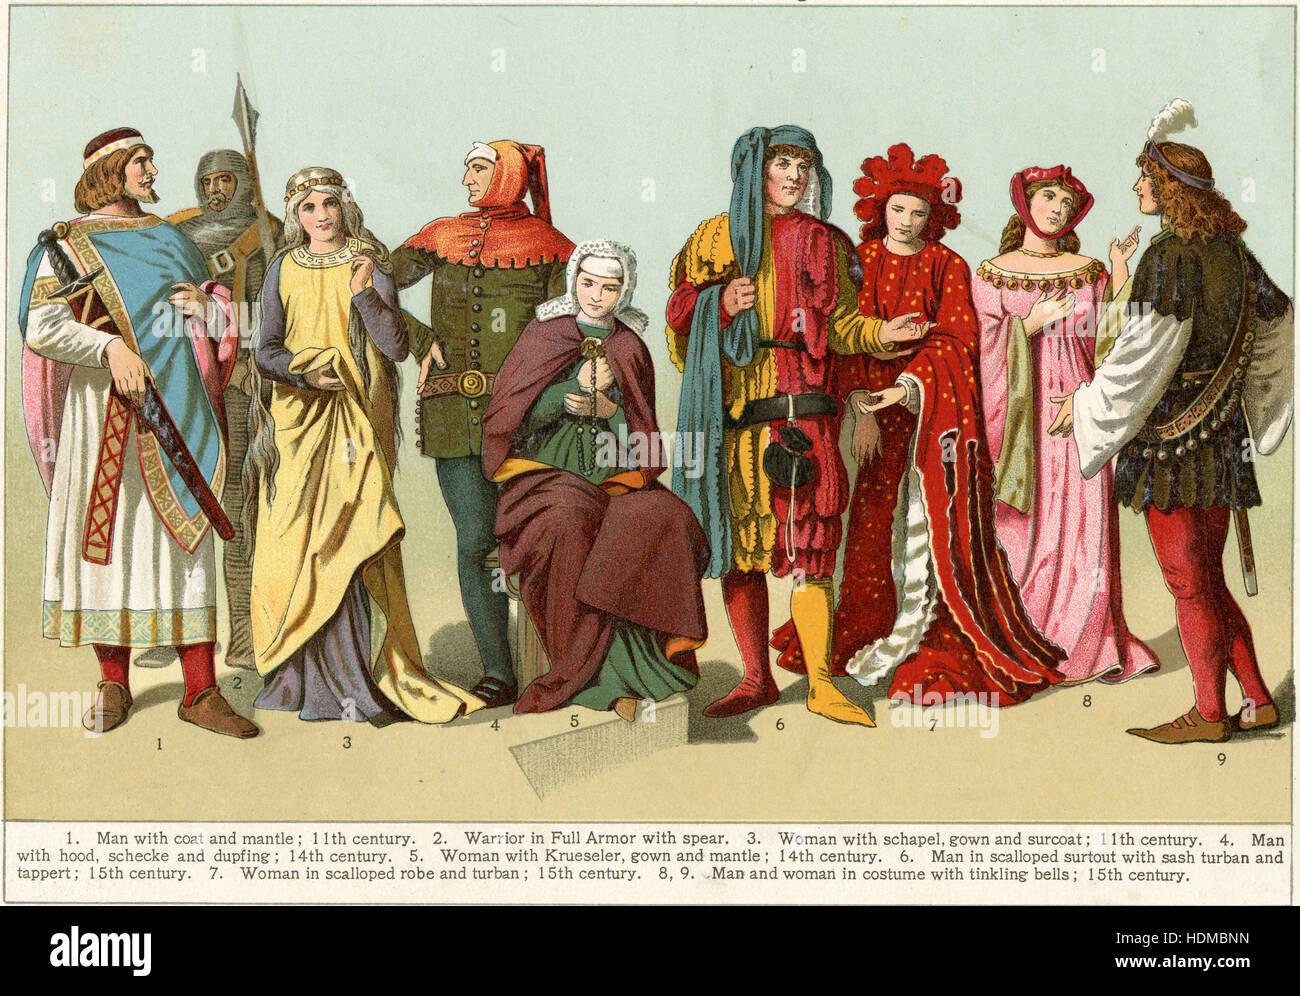 Del Con Mostra Costumi Chromolithgraph Uomo 1897 Medioevo Antique I0aBUq